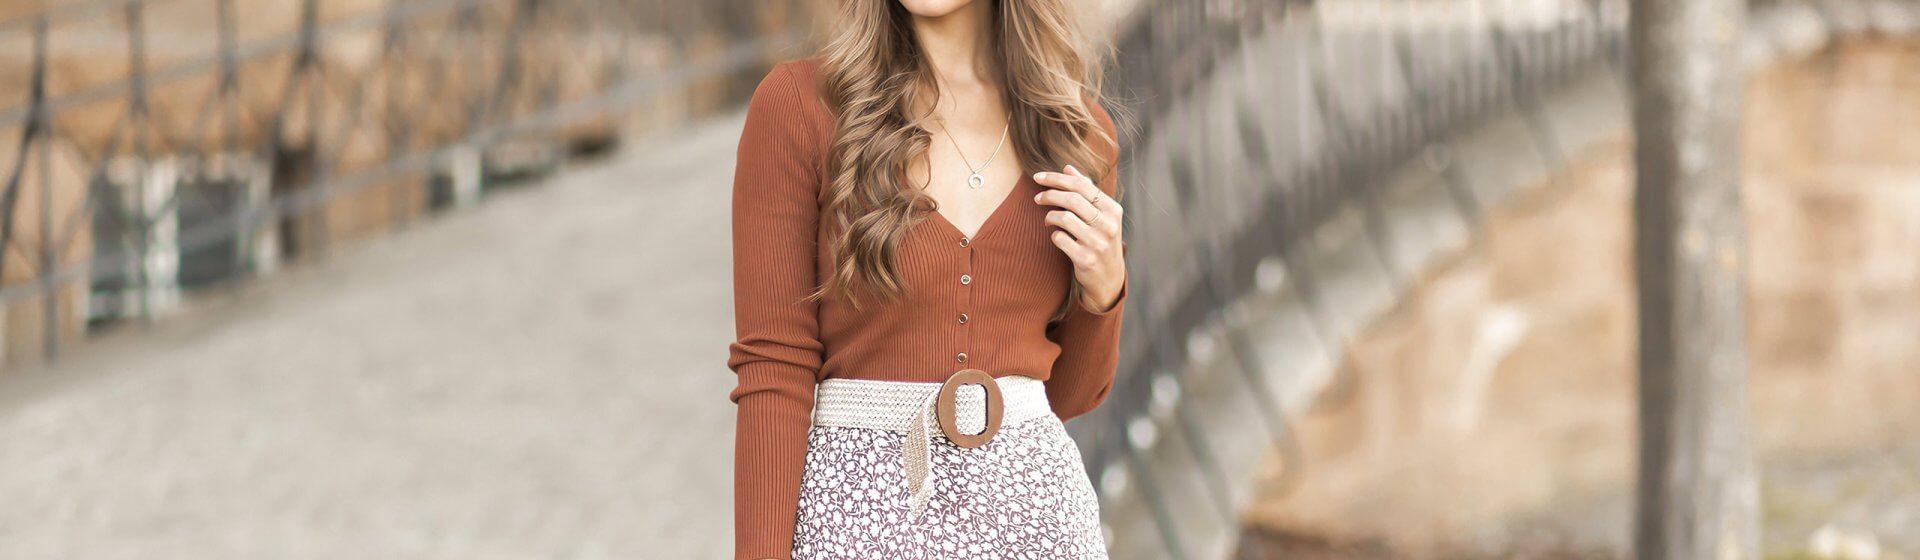 Herbst Trendfarben 2020, Herbstfarben kombinieren, Herbstoutfit, weiße Stiefel, Shoelove by Deichmann